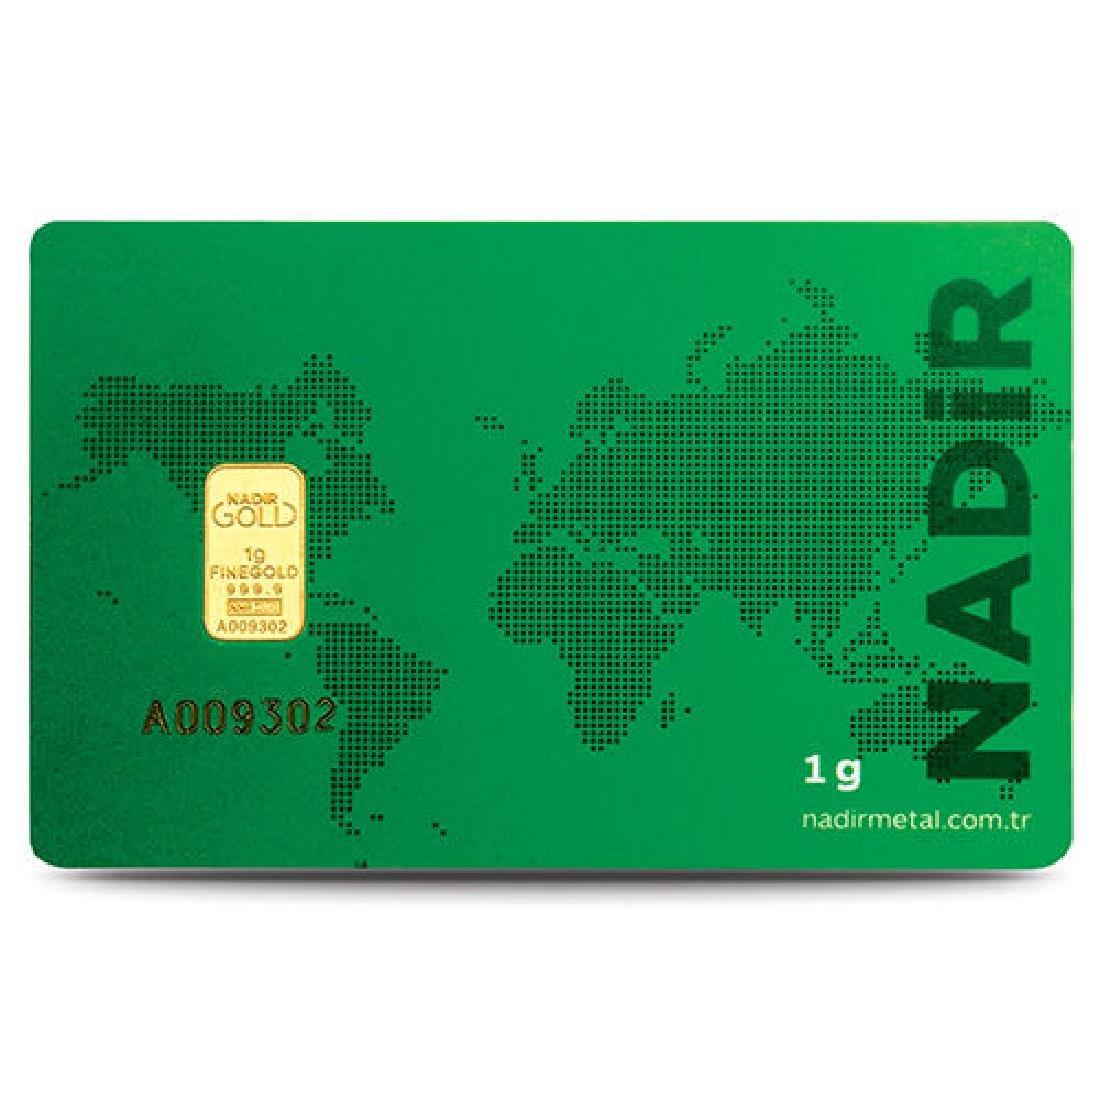 1 gr. - 999.9/1000 - Minted/ Sealed-Gold Bar - 3